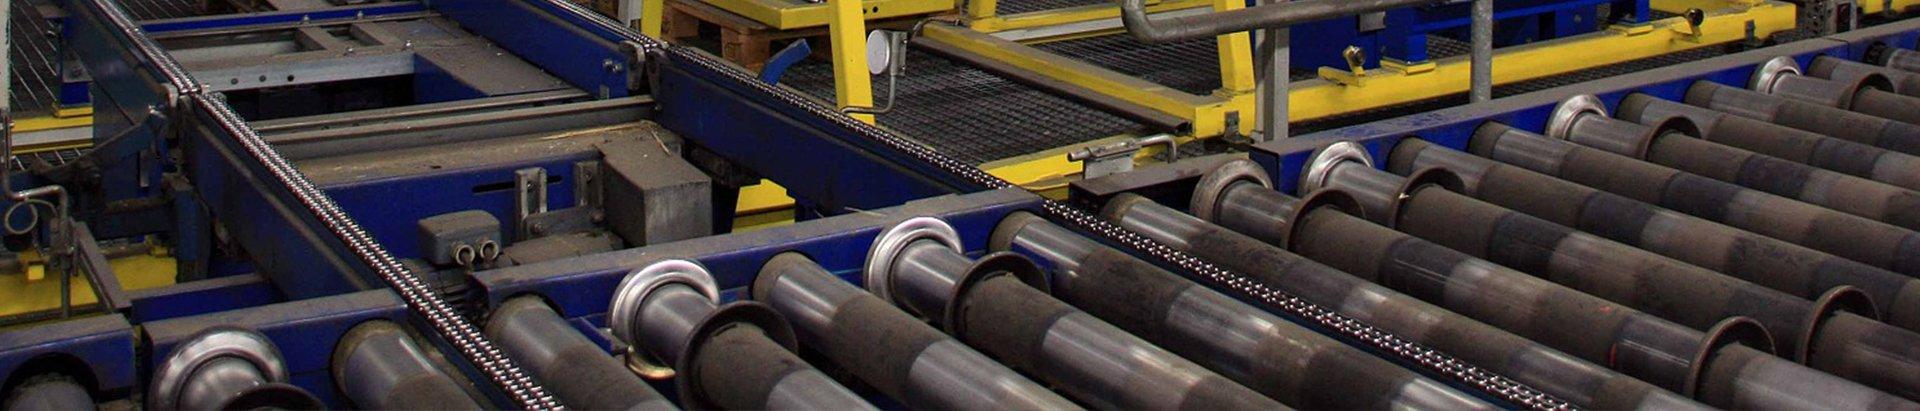 Заводы производители конвейеров в тамбов с элеватора